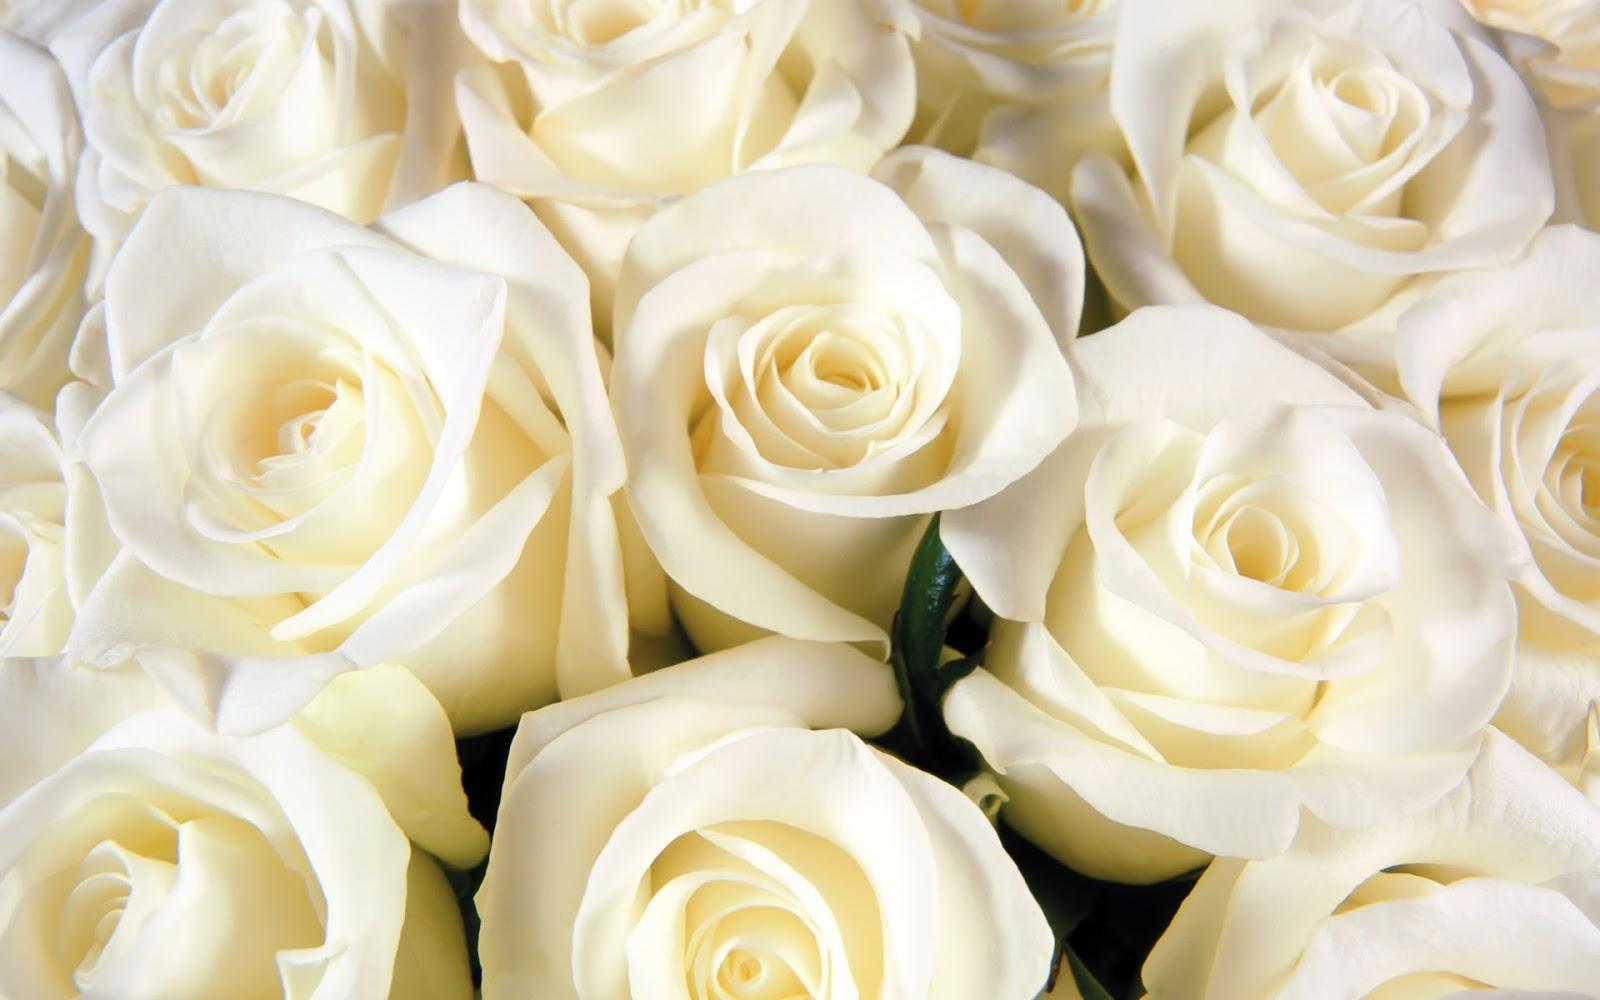 bloomed white roses wallpaper - photo #3